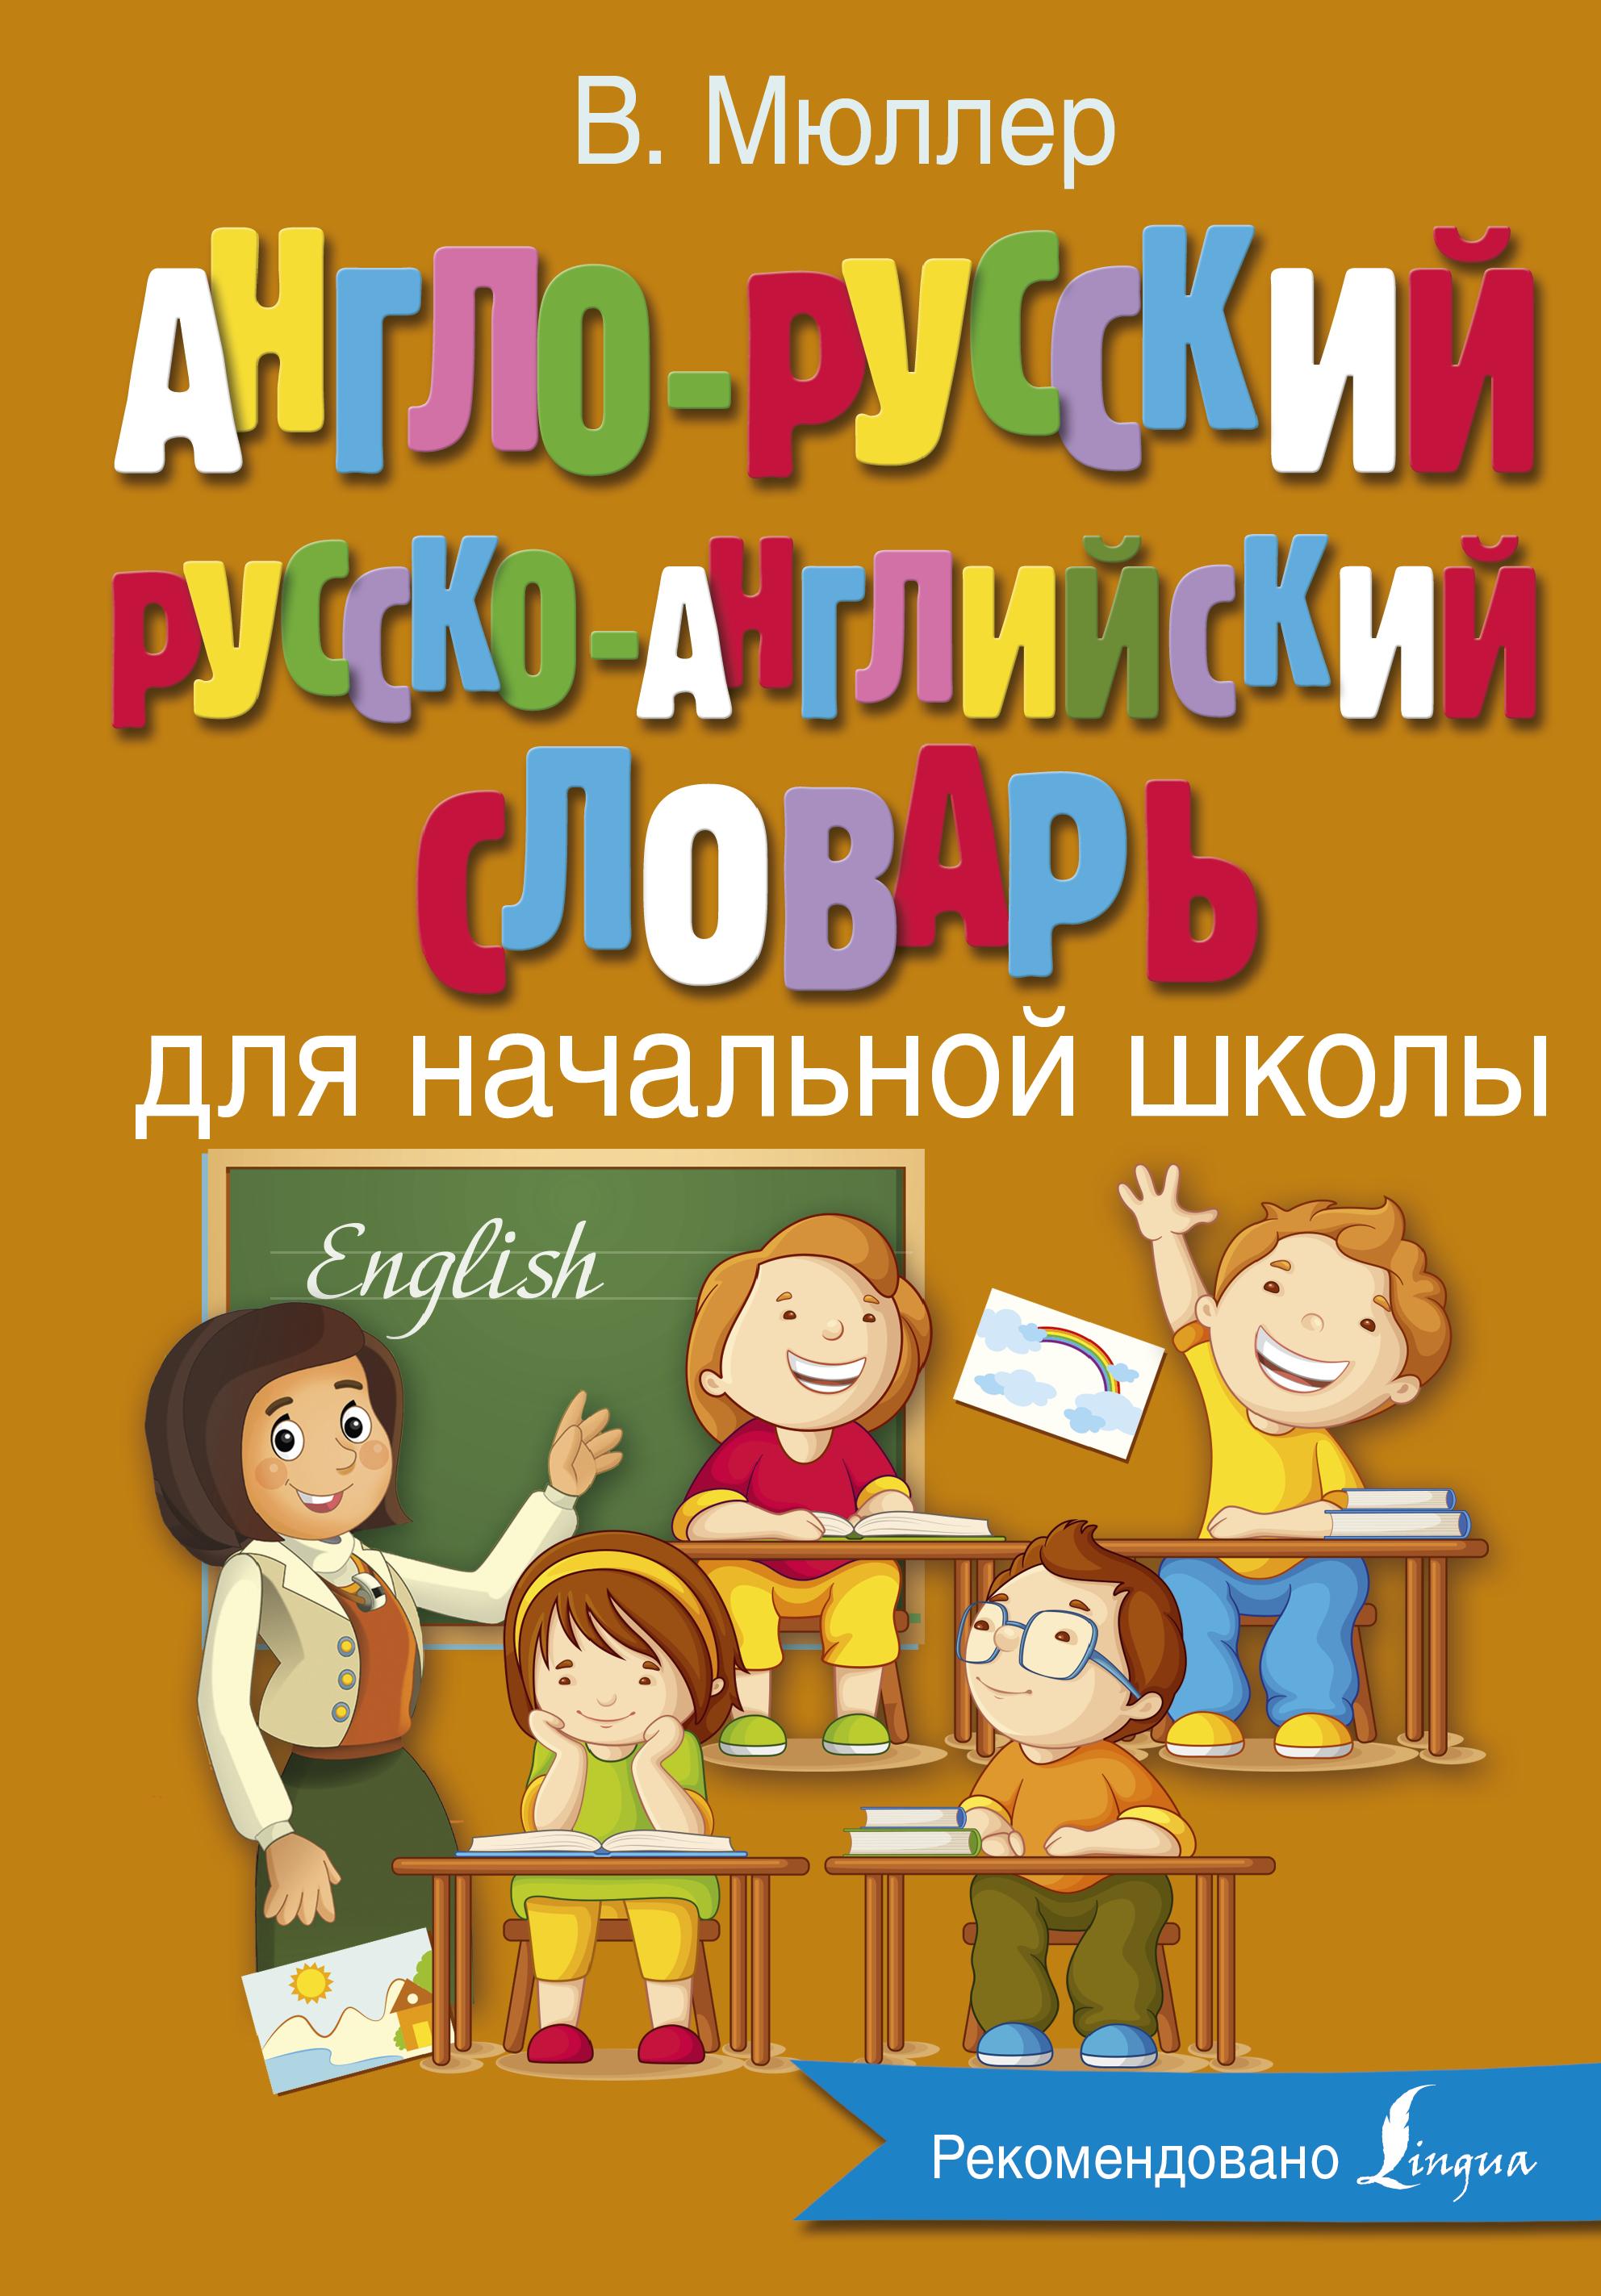 В. Мюллер Англо-русский русско-английский словарь для начальной школы все цифры по английскому с транскрипцией 0